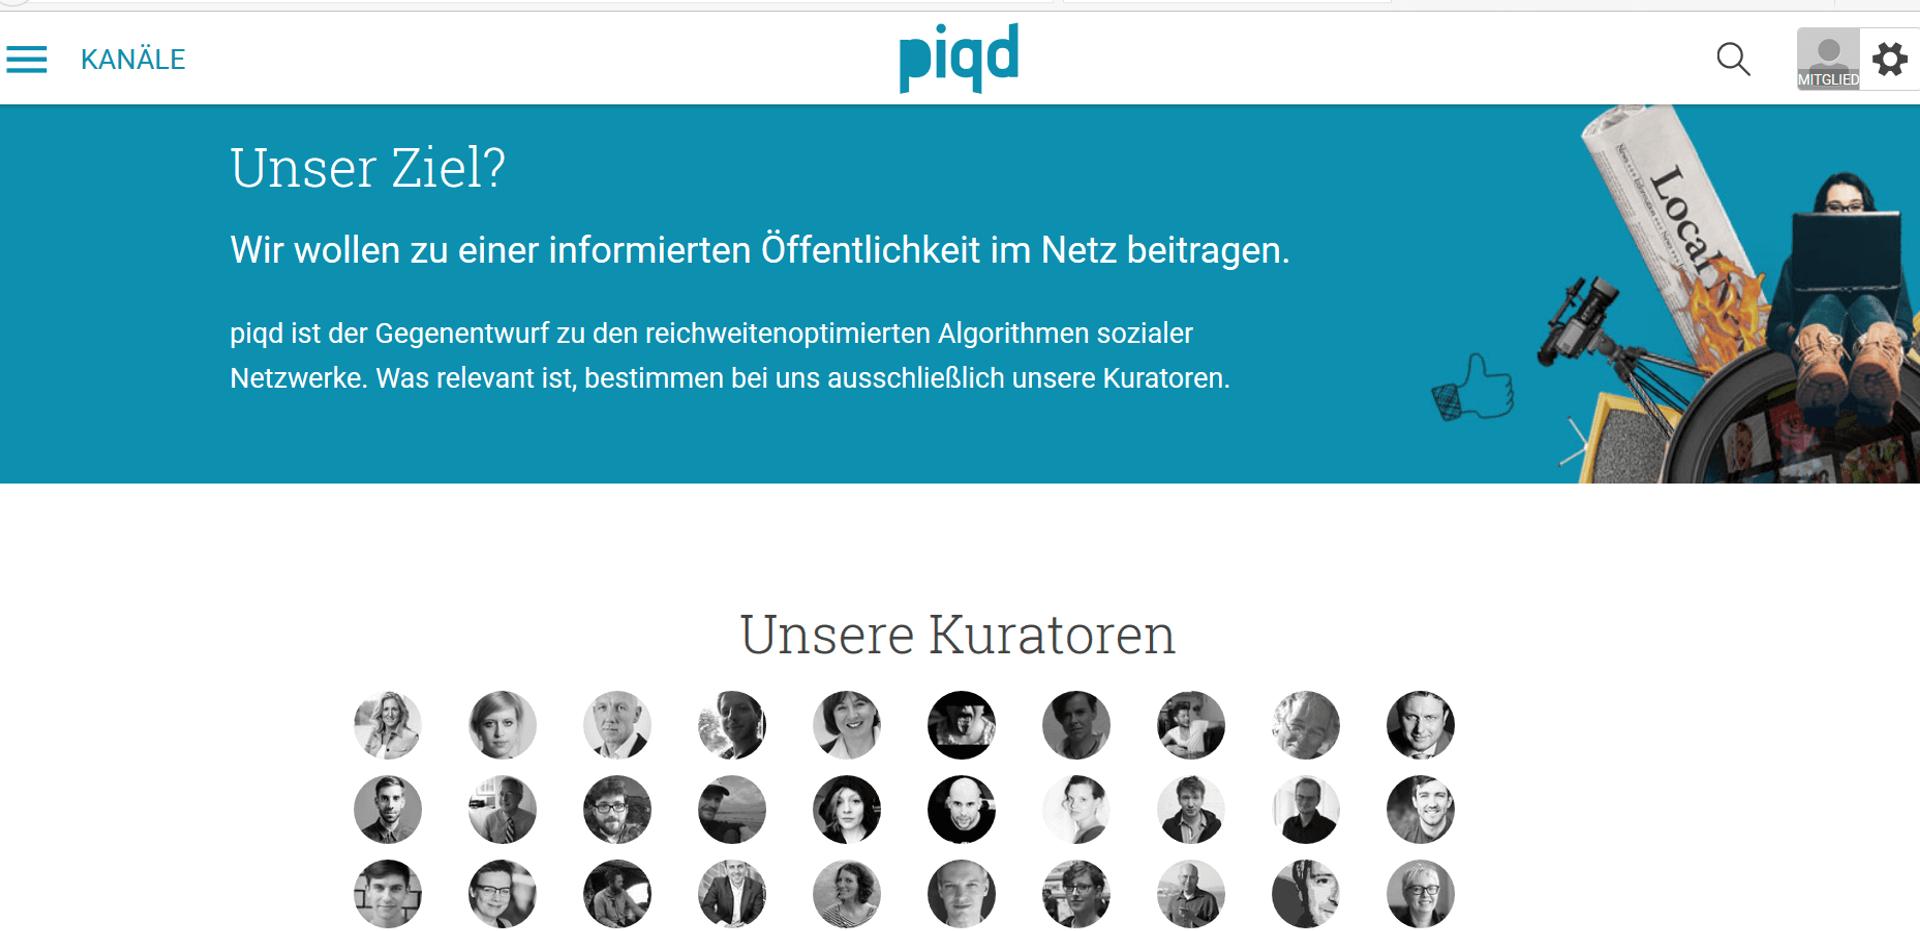 Screenshot des Portals piqd mit Zitat und Bildern von Kuratoren